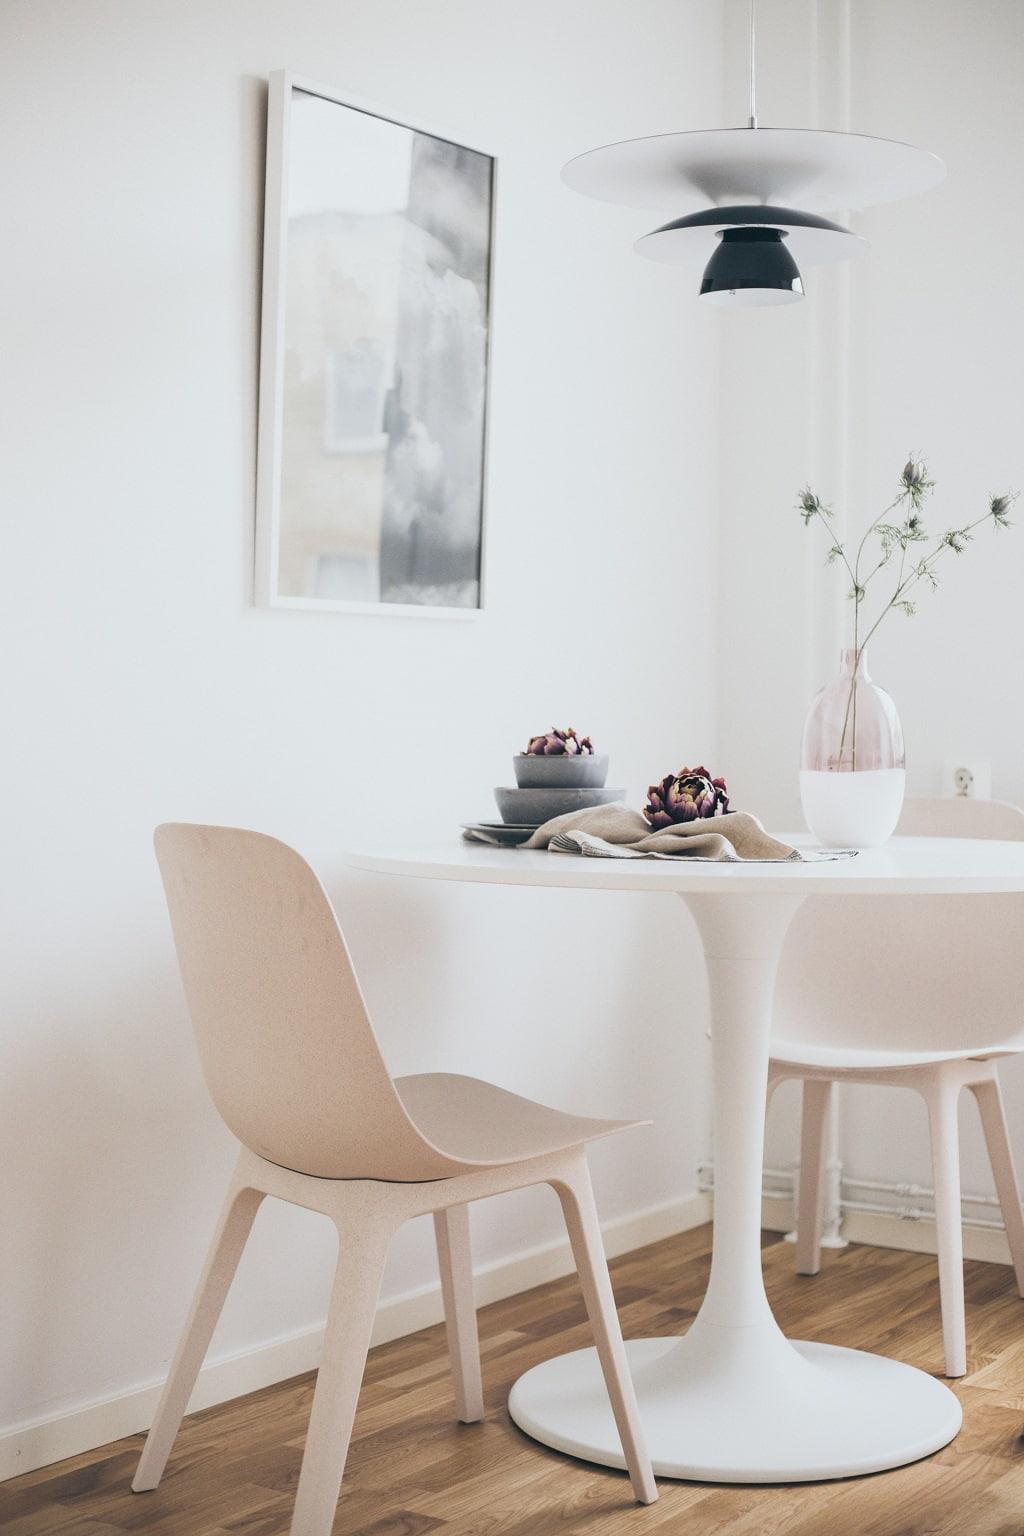 stolar och runt ljust bord i kök